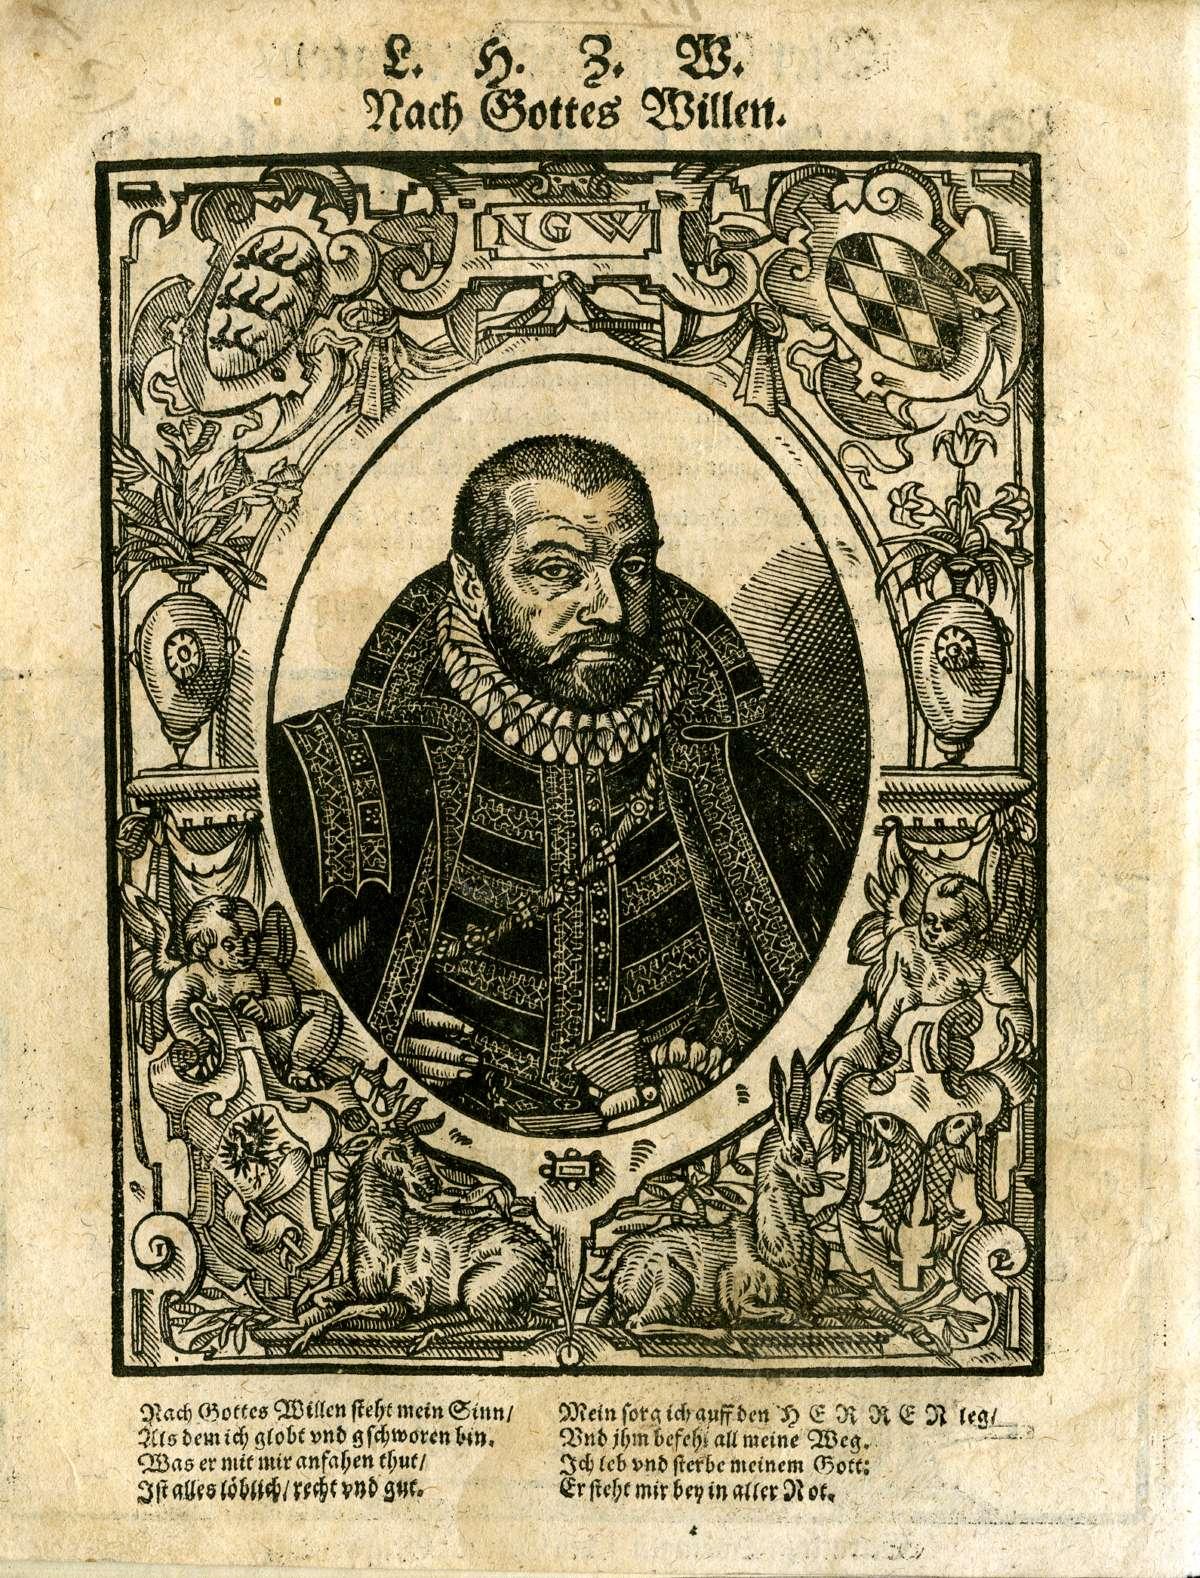 Leichenpredigten über Mitglieder des Hauses Württemberg, Ludwig Herzog von Württemberg